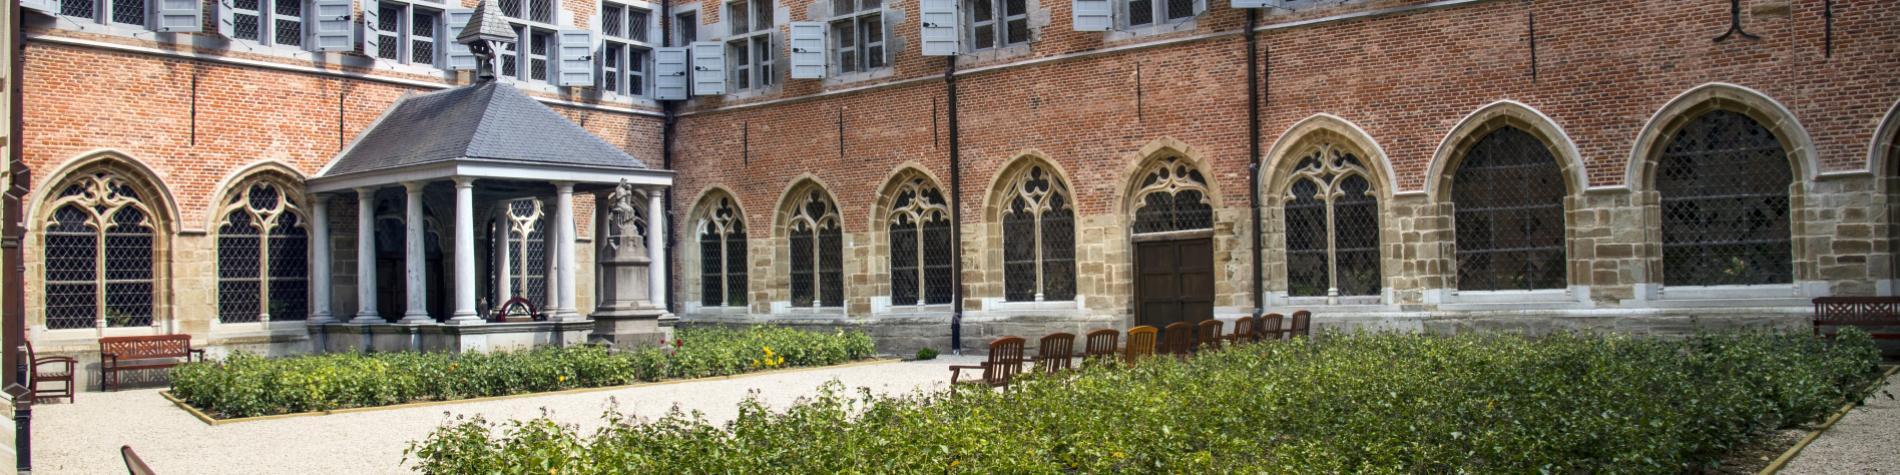 Découvrez le jardin du cloître et jardin des simples de l'hôpital Notre-Dame à la Rose, à Lessines